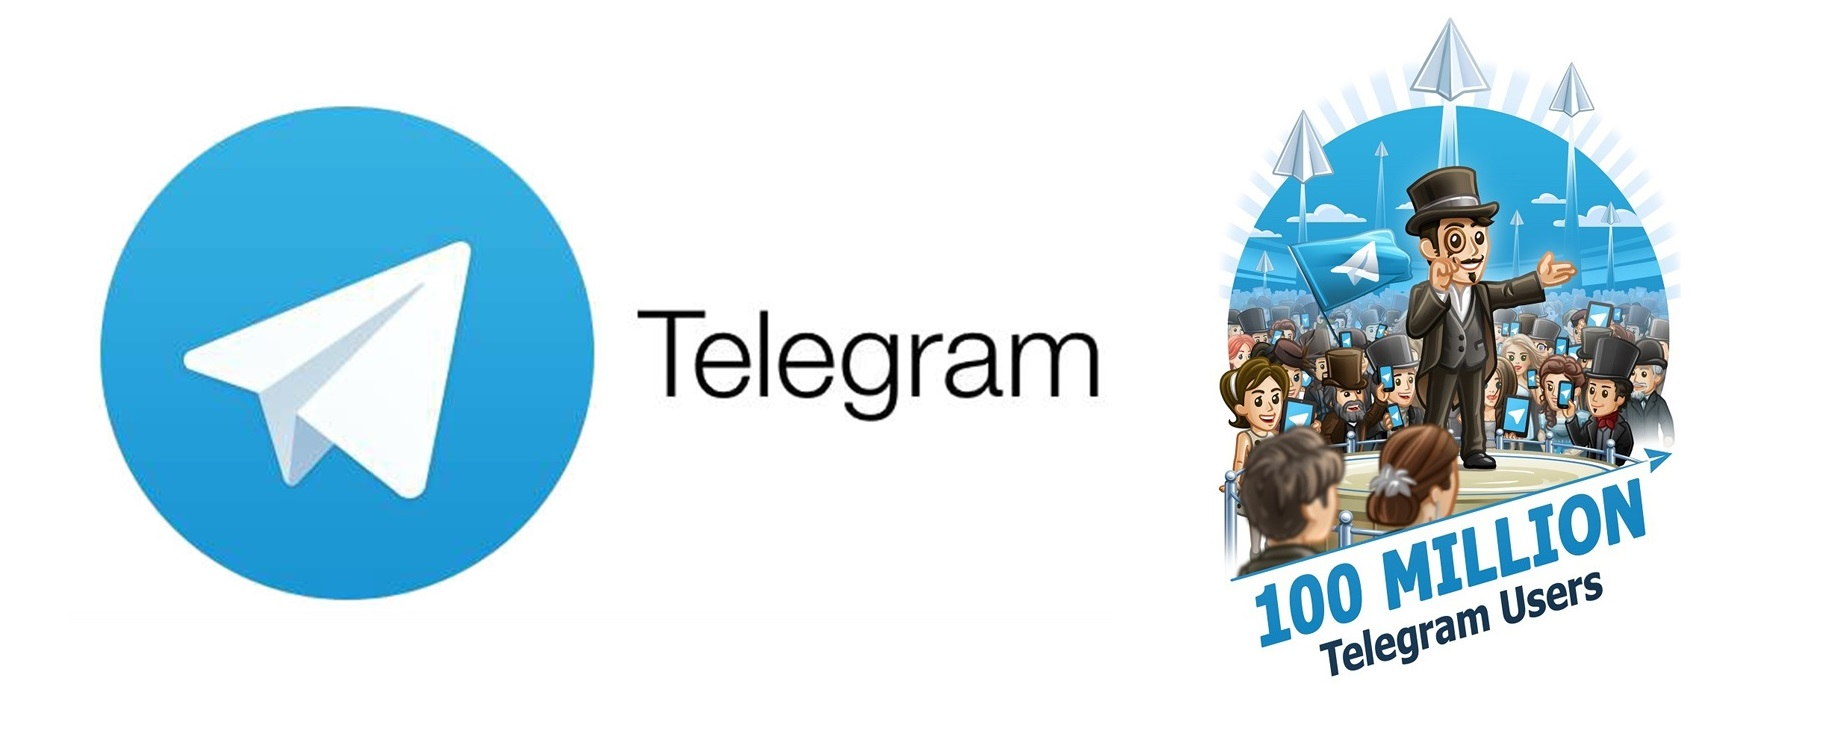 telegram movistar movisfera.jpg